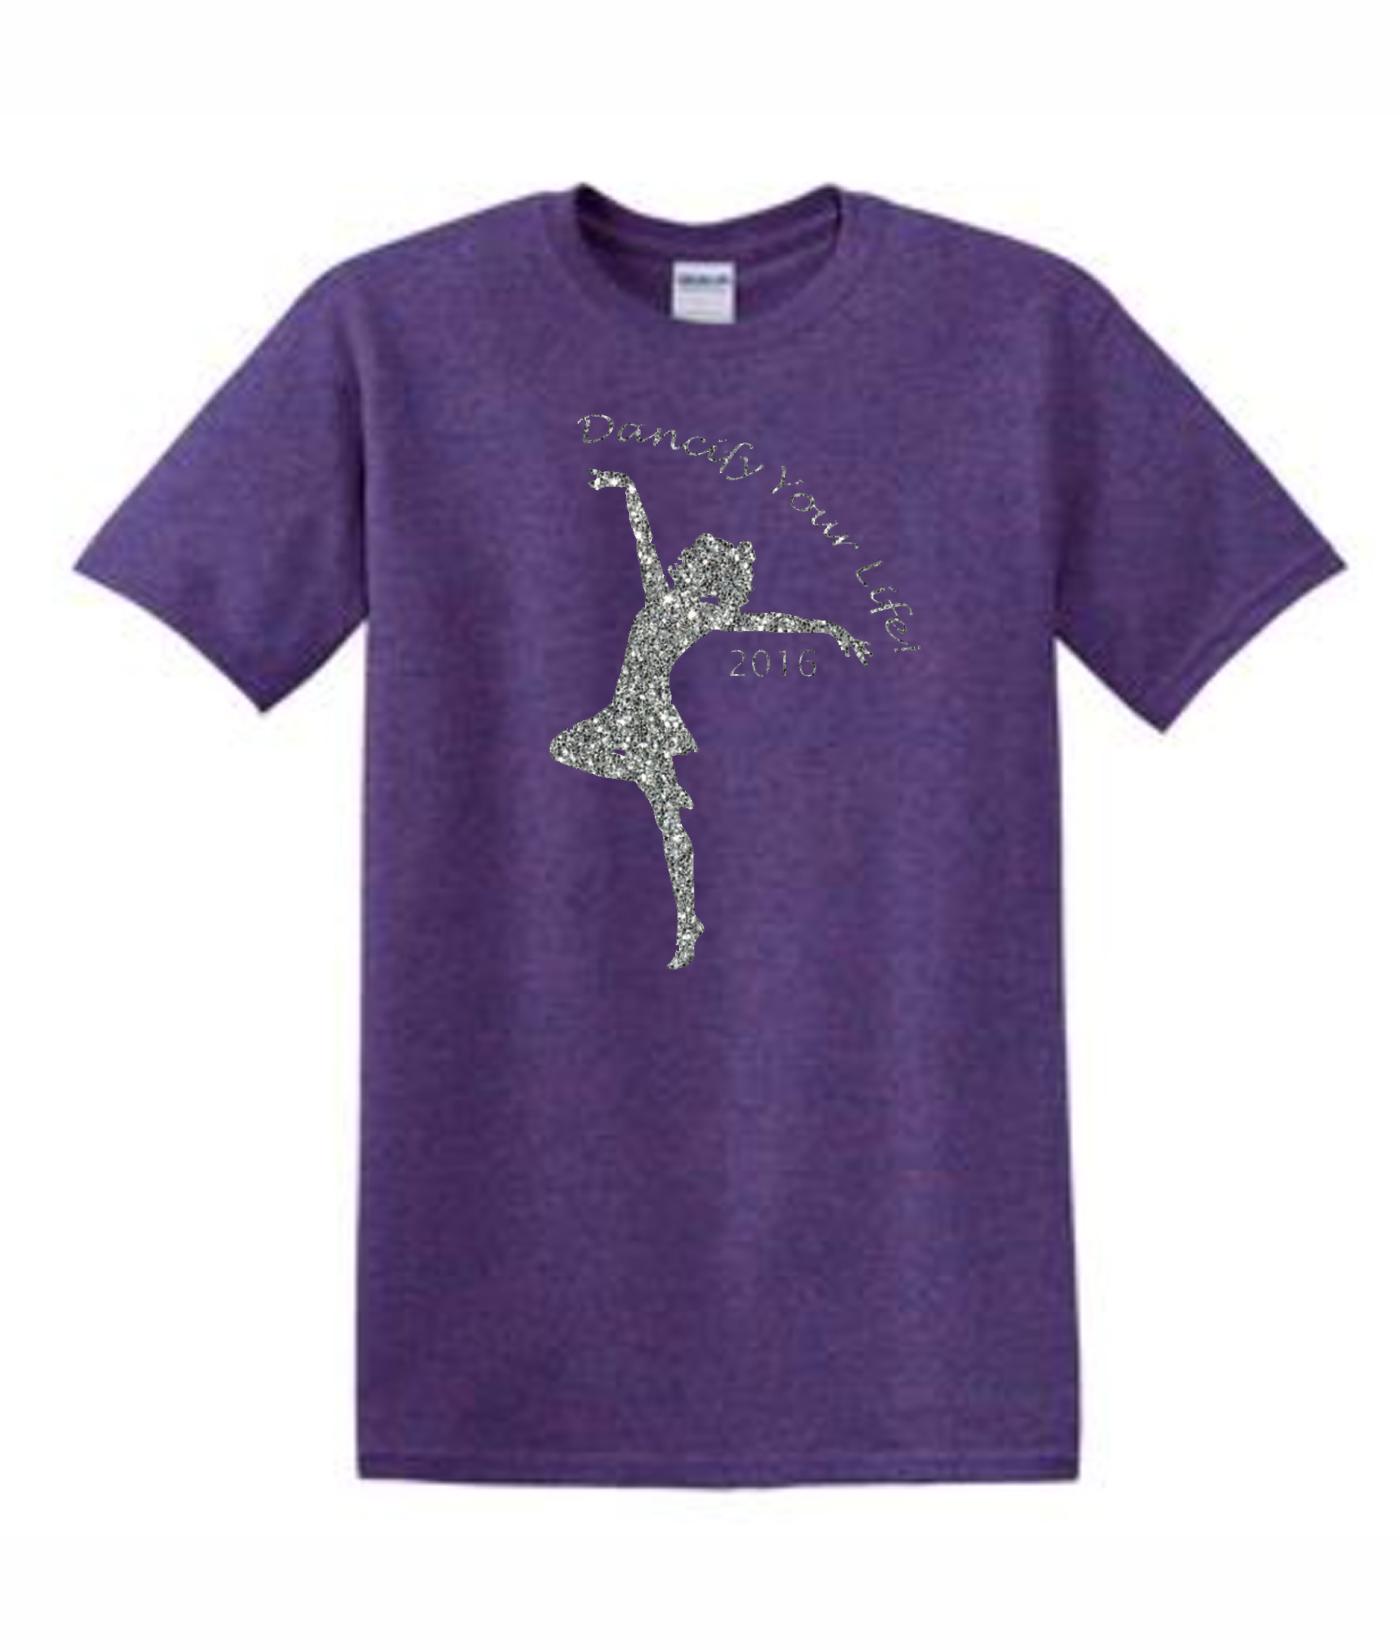 Gildan Dancify Dancer Silver Glitter Lilac Tee